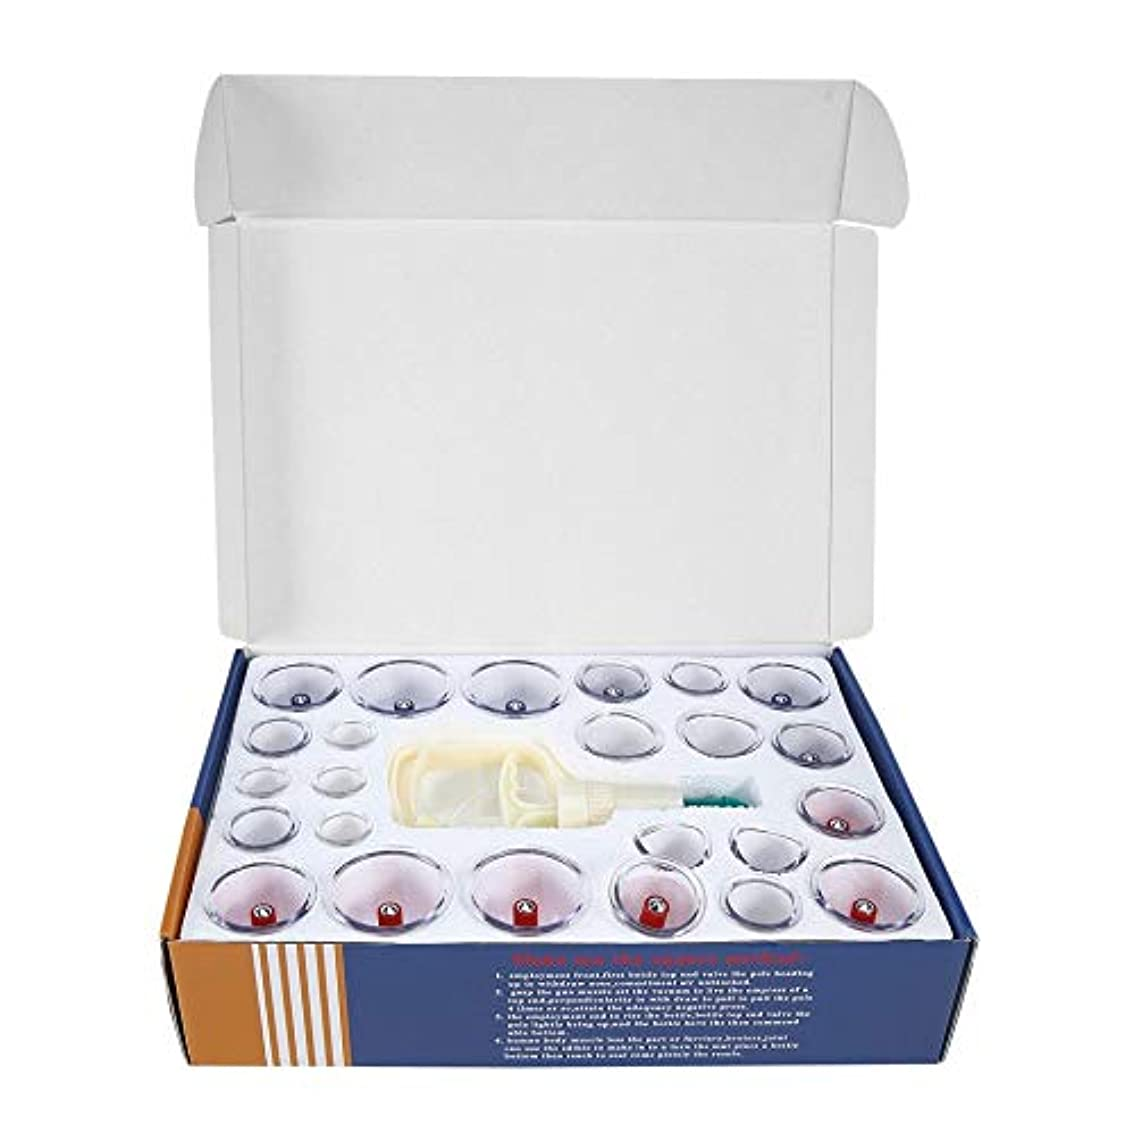 疎外暴露土中国のヘルスケア医療真空ボディカッピングセット24ピースマッサージ缶カップバイオマグネティックマッサージ療法ボディリラクゼーションキット(Color:clear)